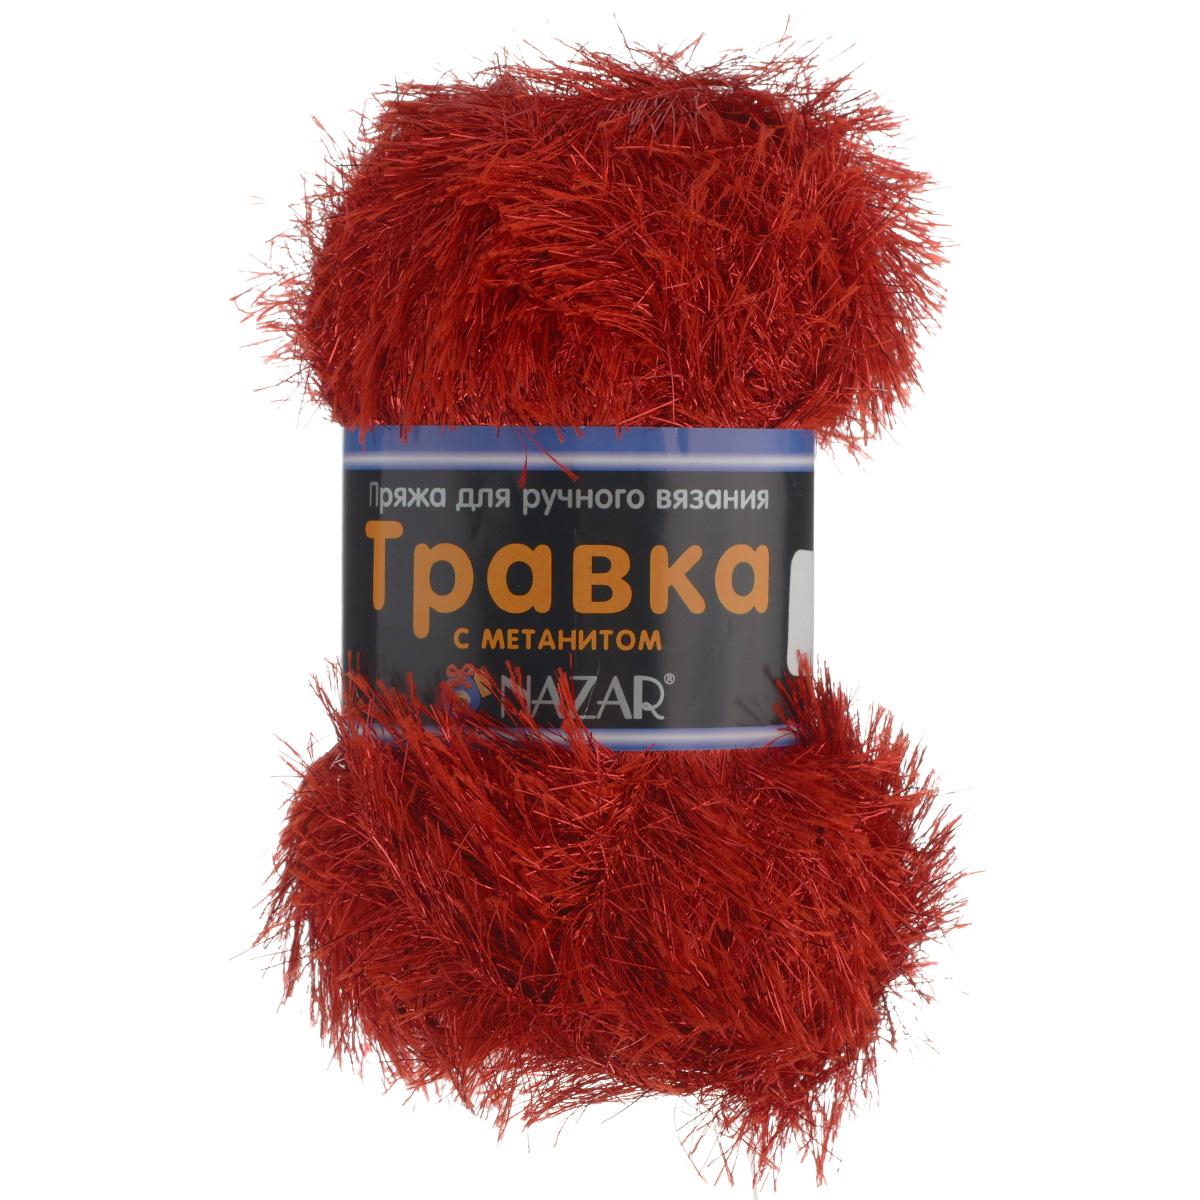 Пряжа для вязания Nazar Травка с метанитом, цвет: красный (2006), 115 м, 100 г, 5 шт349021_2006Пряжа для вязания Nazar Травка с метанитом изготовлена из 90% полиэстера, 10% метанита. Это - пряжа с ворсом. Изделия выглядят как меховые, а добавление метанита придает блеск. Полотно выглядит пушистым с обеих сторон. Пряжа используется для отделки изделий, создания игрушек, а также хороша для новогодних костюмов и в качестве мишуры. Подходит для вязания на спицах и крючках 4 мм. Состав: 90% полиэстер, 10% метанит. Комплектация: 5 шт. Толщина нити: 1,5 мм.